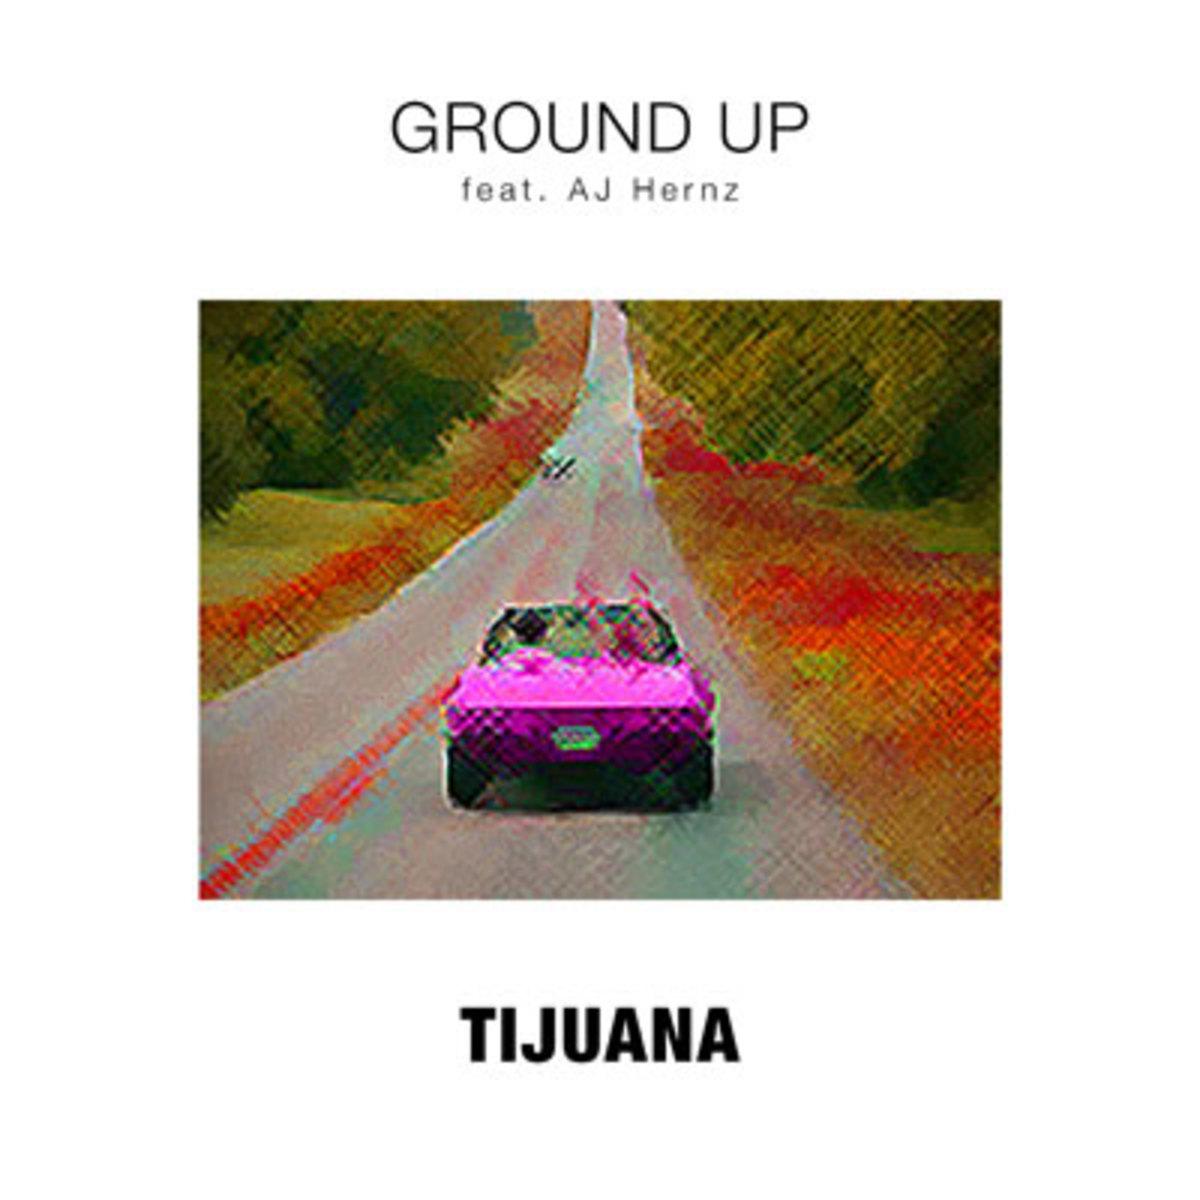 groundup-tijuana.jpg